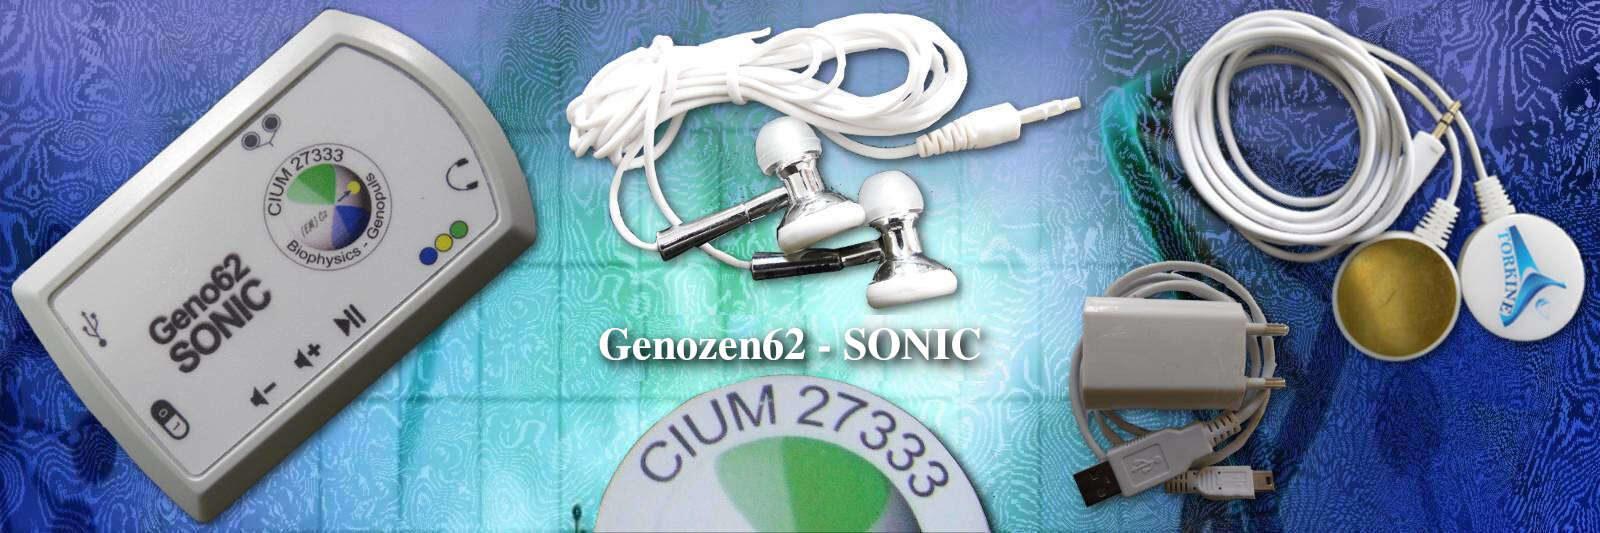 Genozen62-SONIC